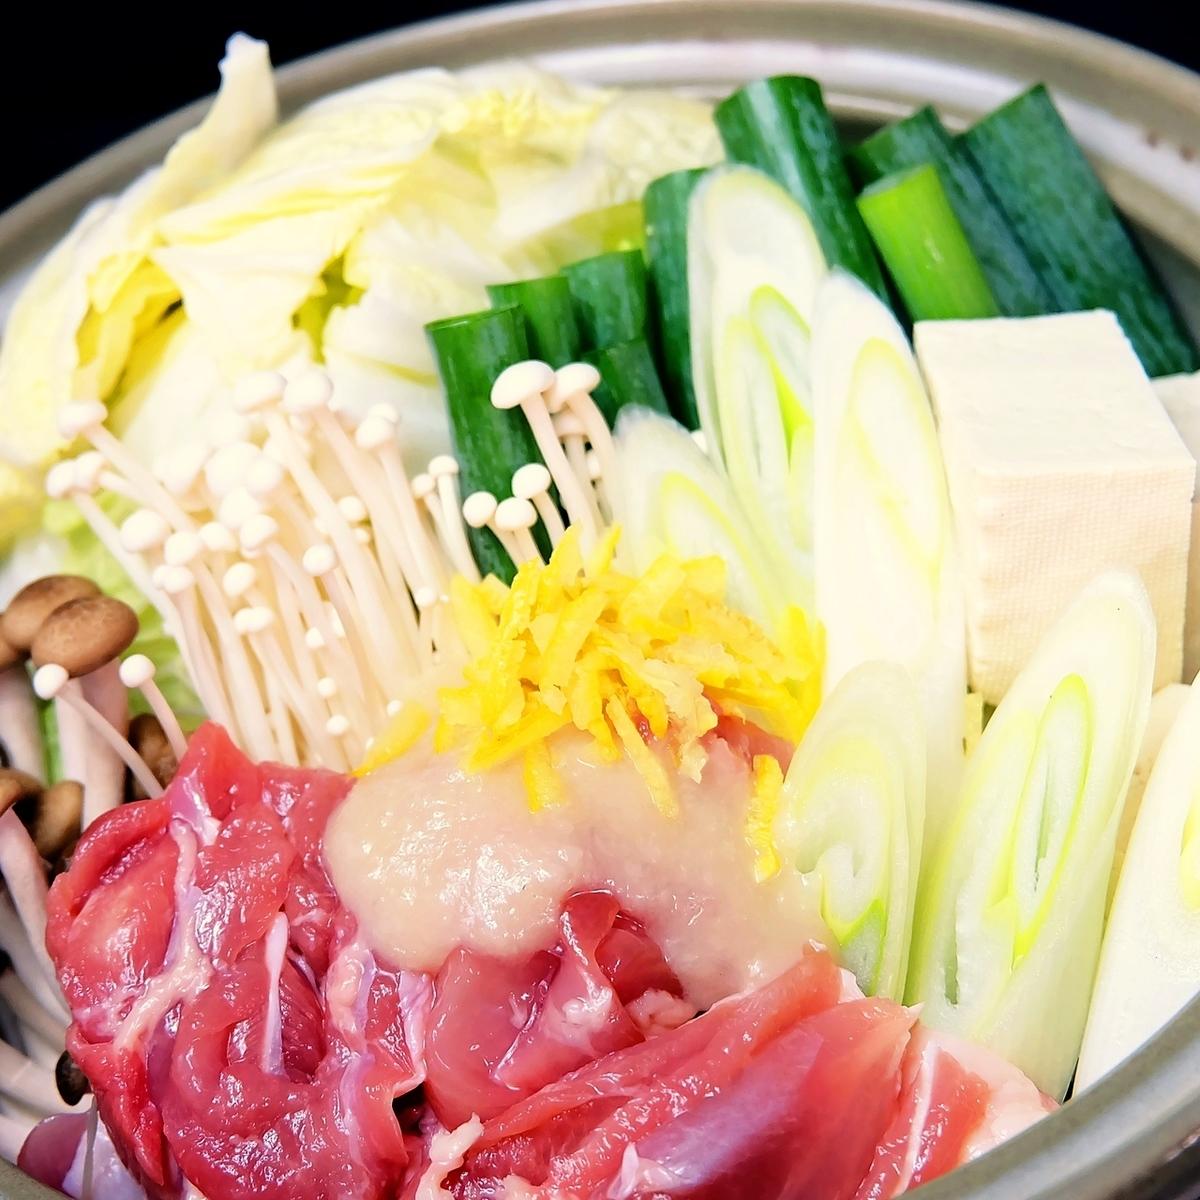 【Nabe縣長特製】雞洋蔥柚子鹽,煲湯